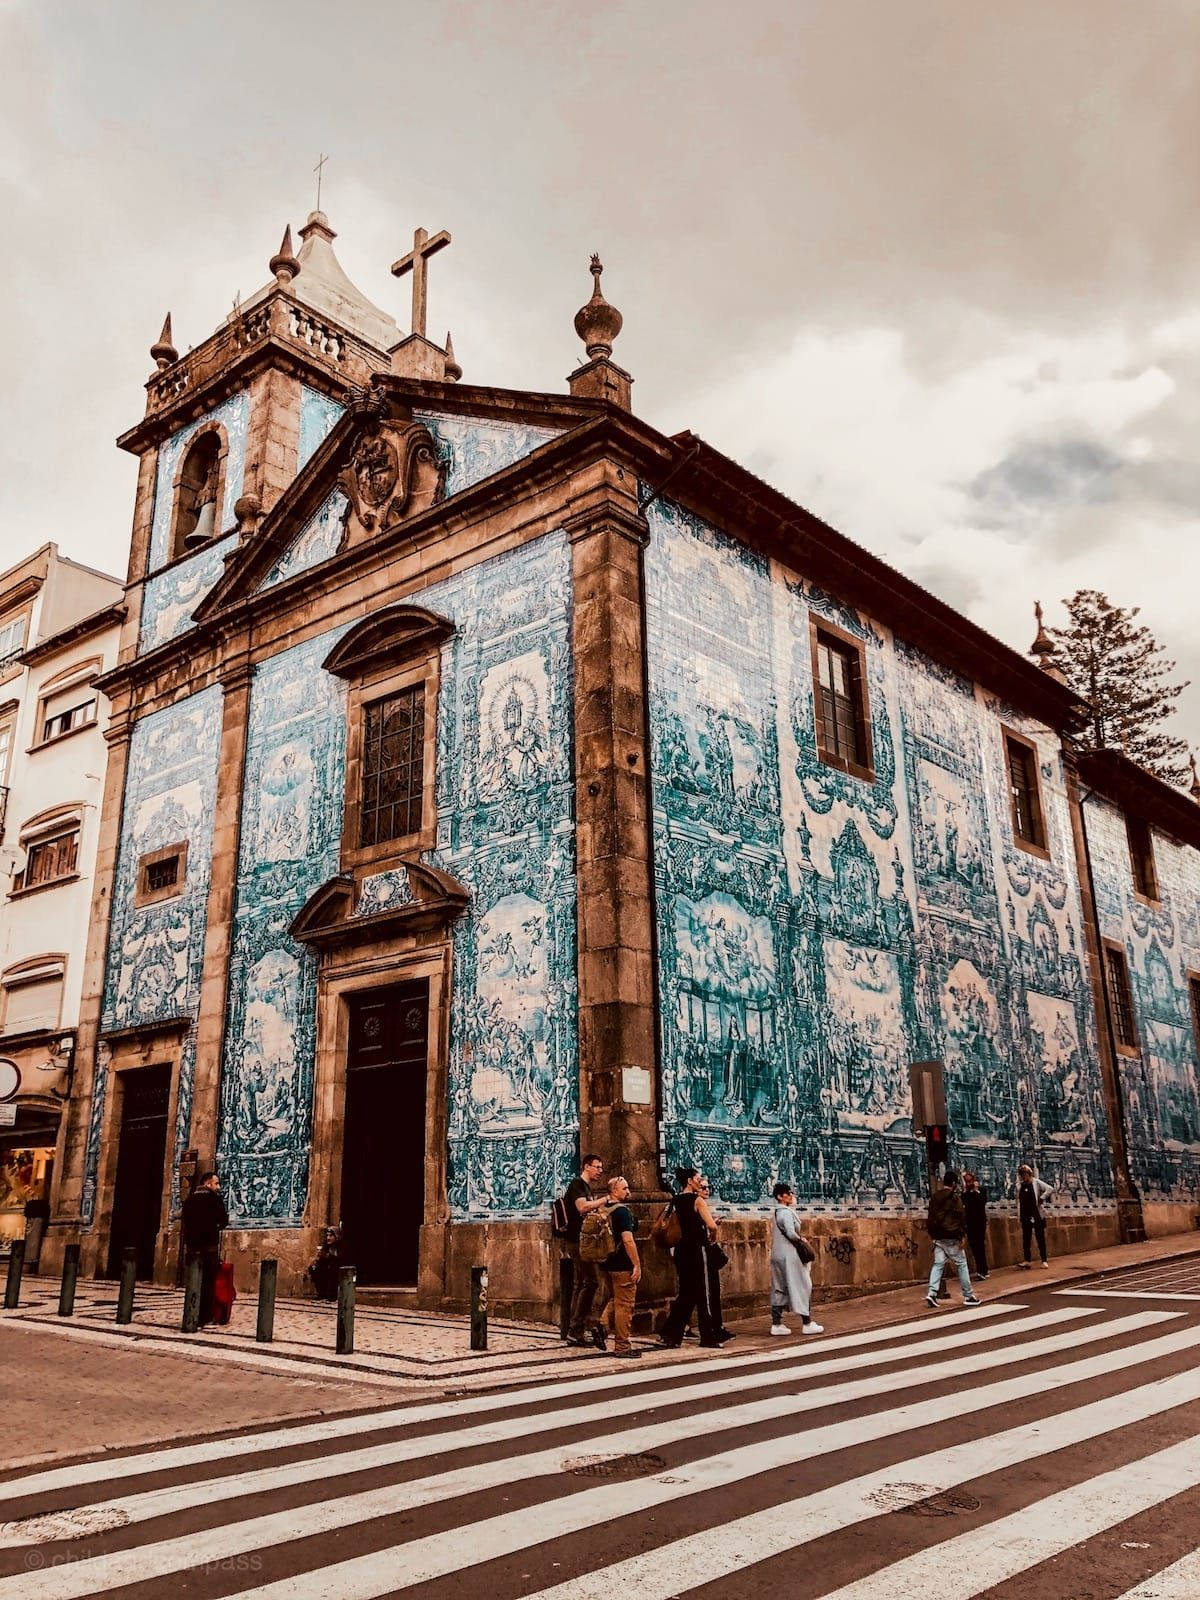 3 Tage Porto: 21 Sehenswürdigkeiten, Reisetipps & unsere Route durch die Stadt ⋆ Child & Compass